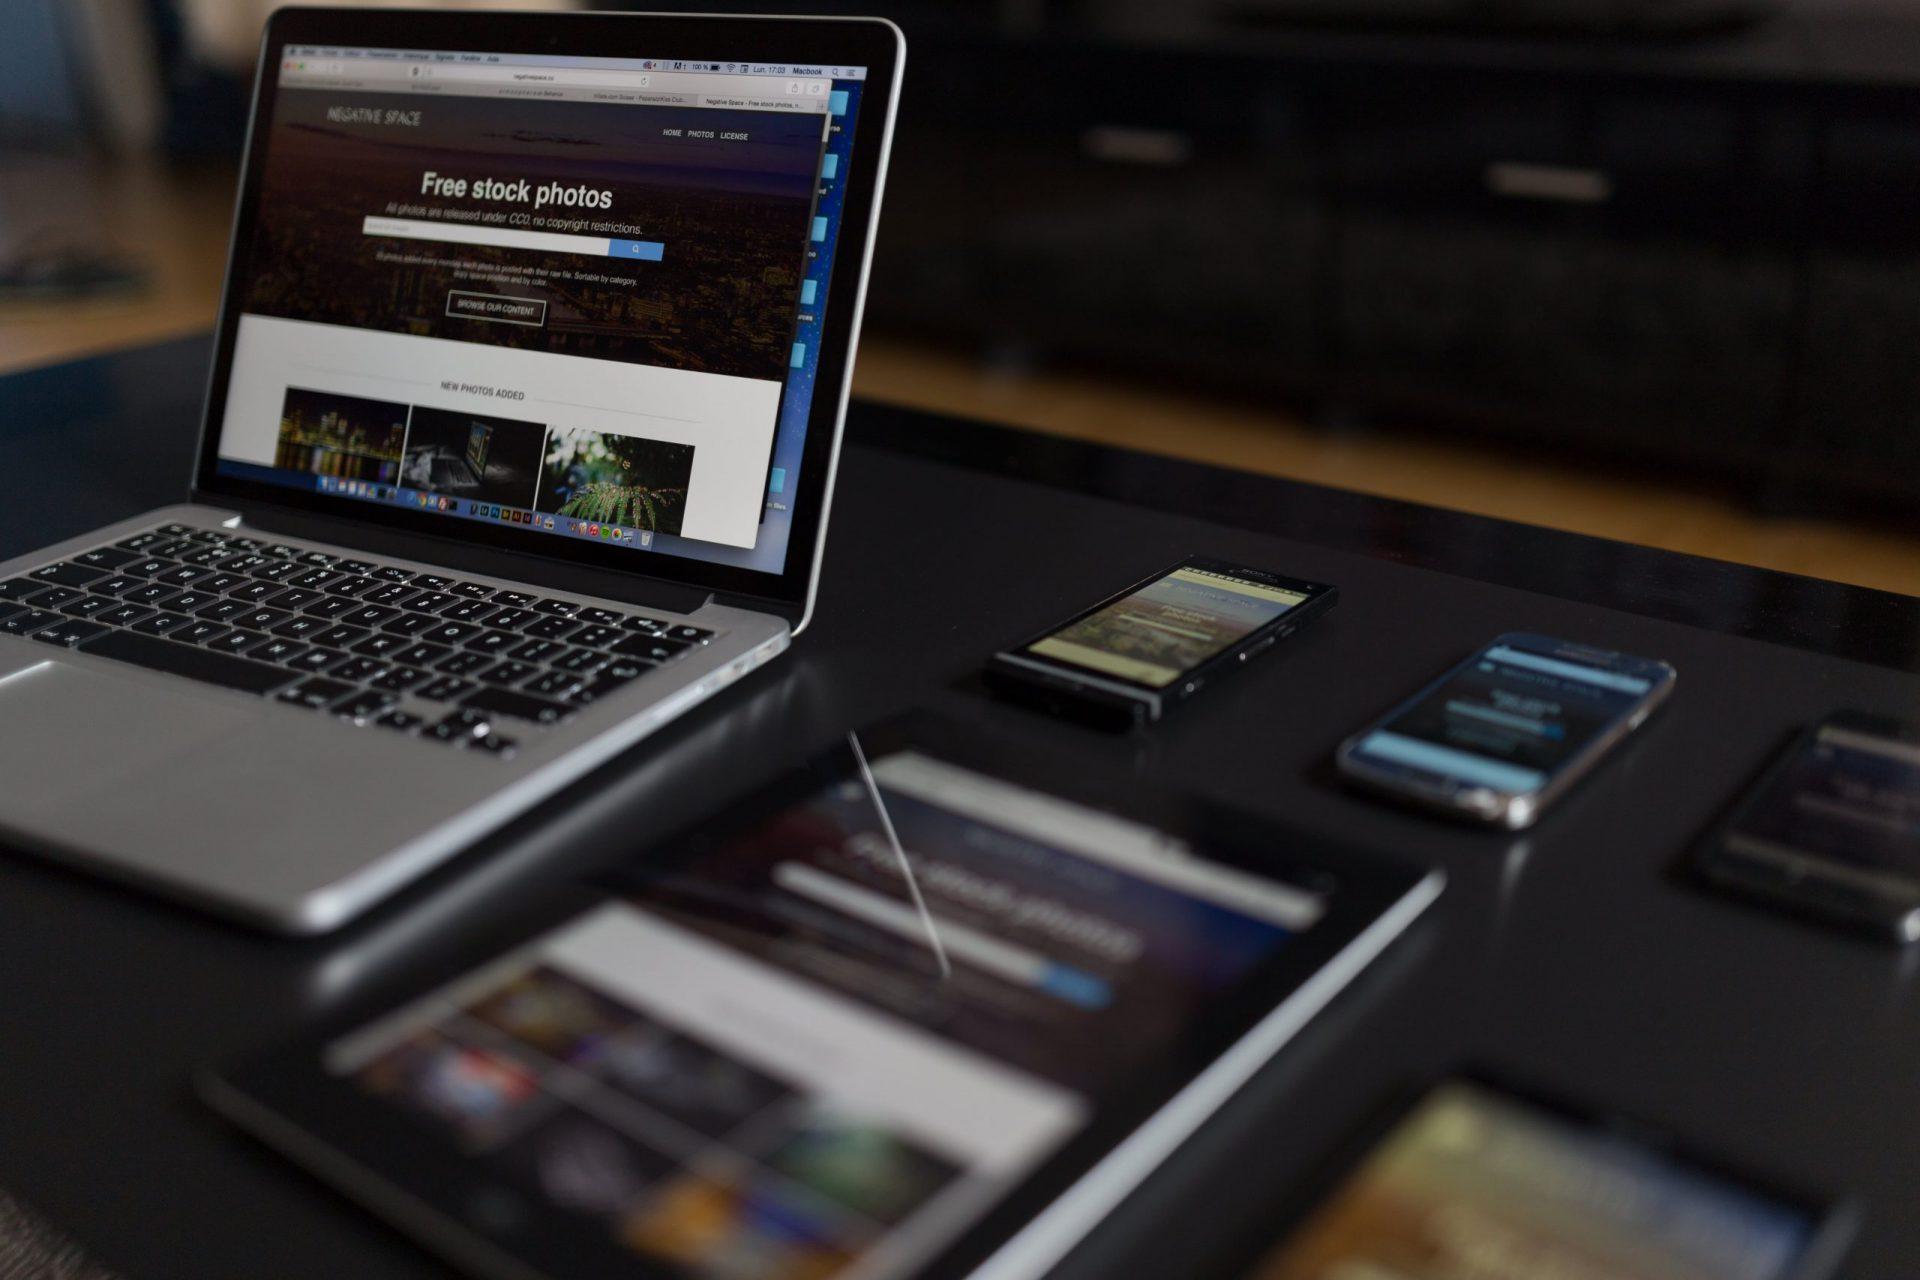 温哥华网页设计 温哥华手机app开发 加拿大手机app开发 加拿大商城开发